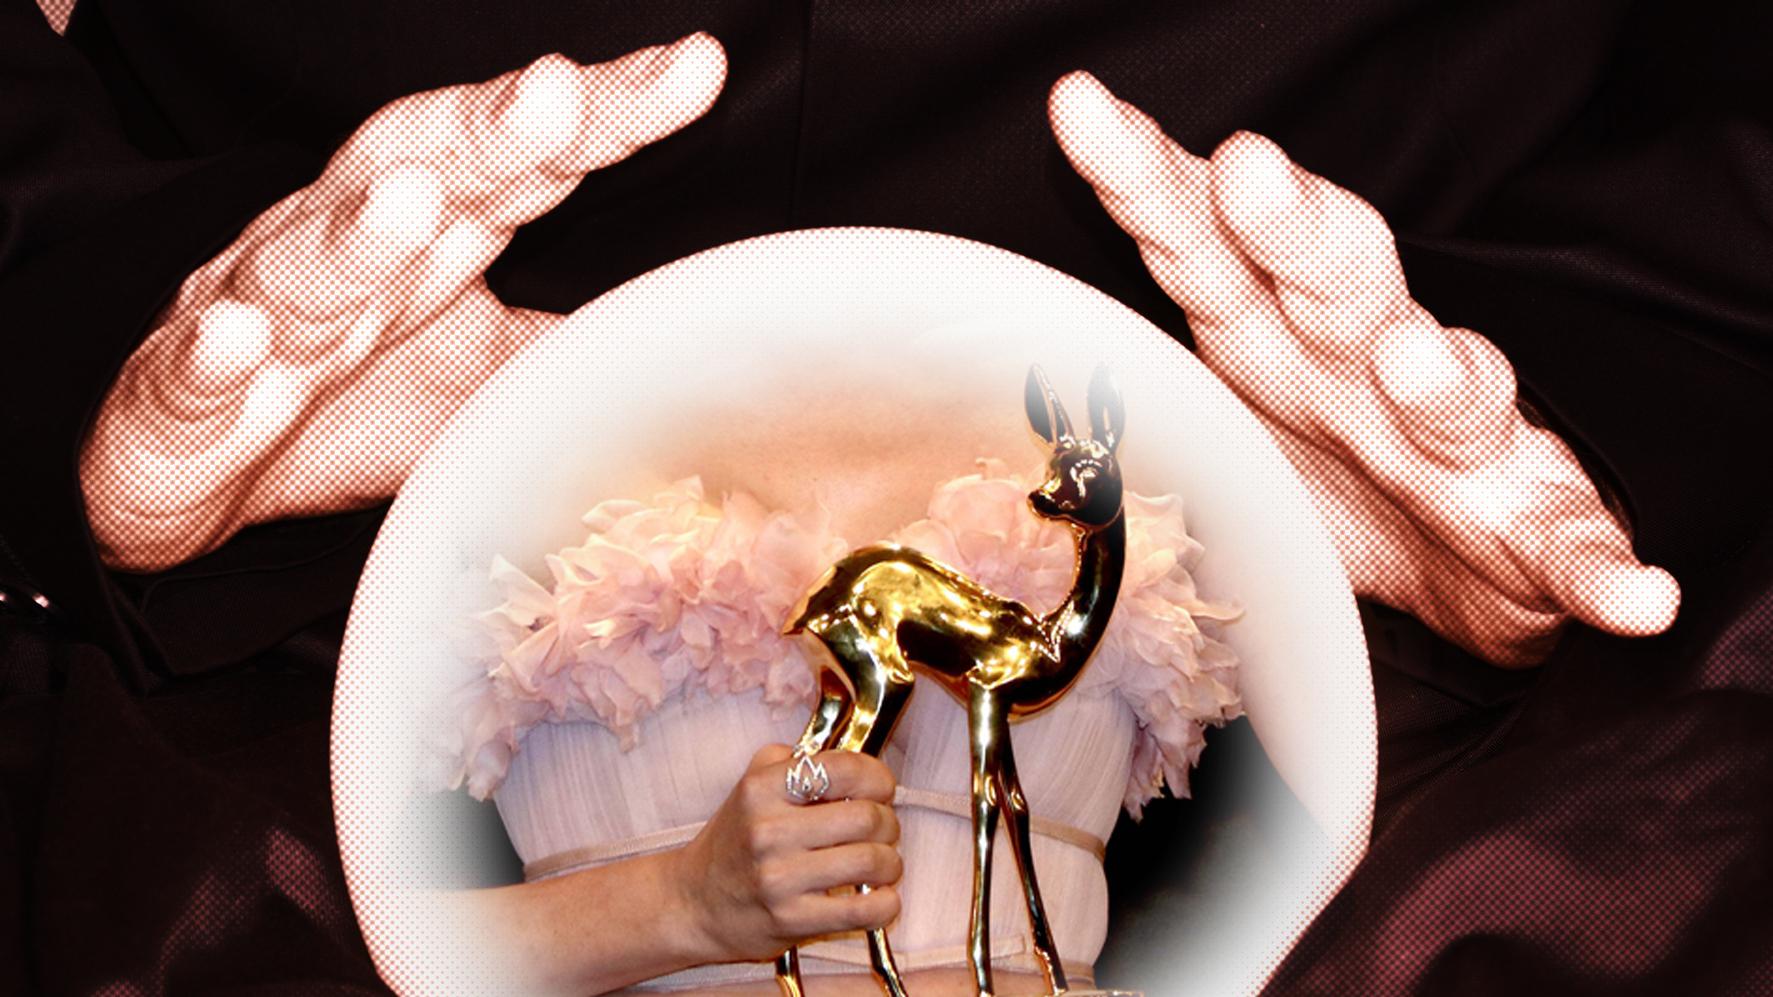 Wir haben die Bambi-Verleihung vorausgesagt, damit ihr sie nicht gucken müsst